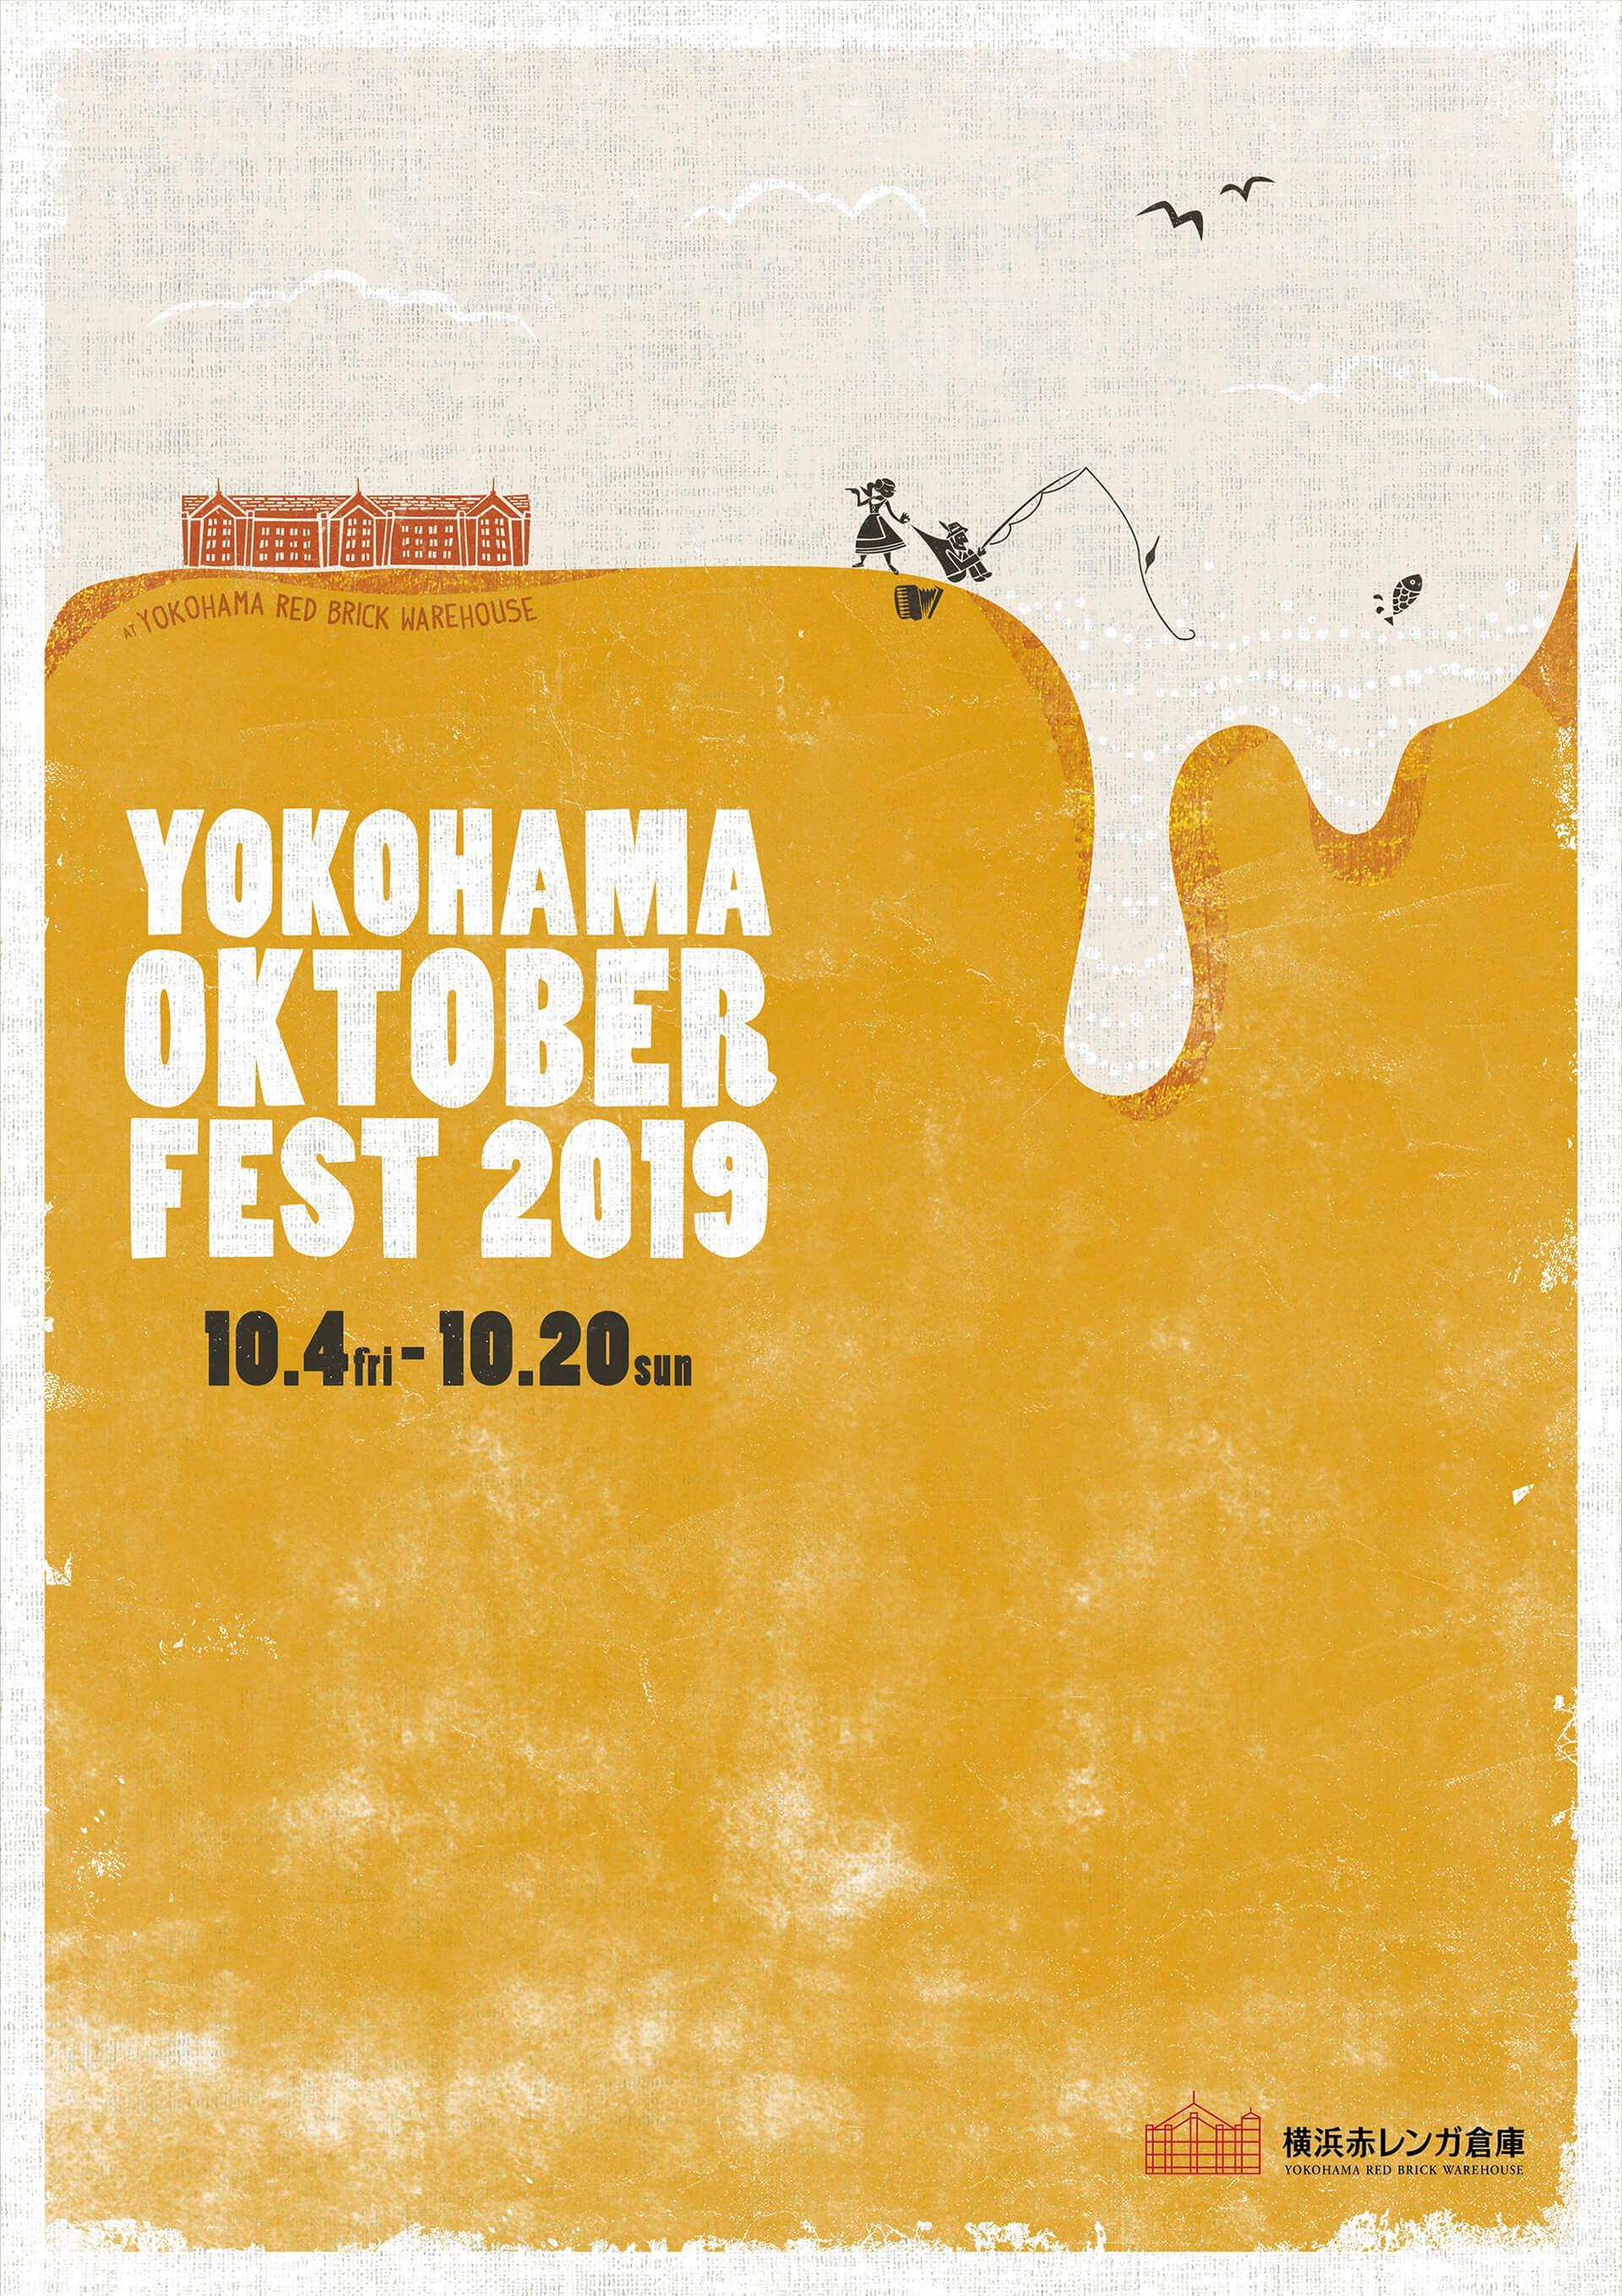 横浜オクトーバーフェストメインビジュアル